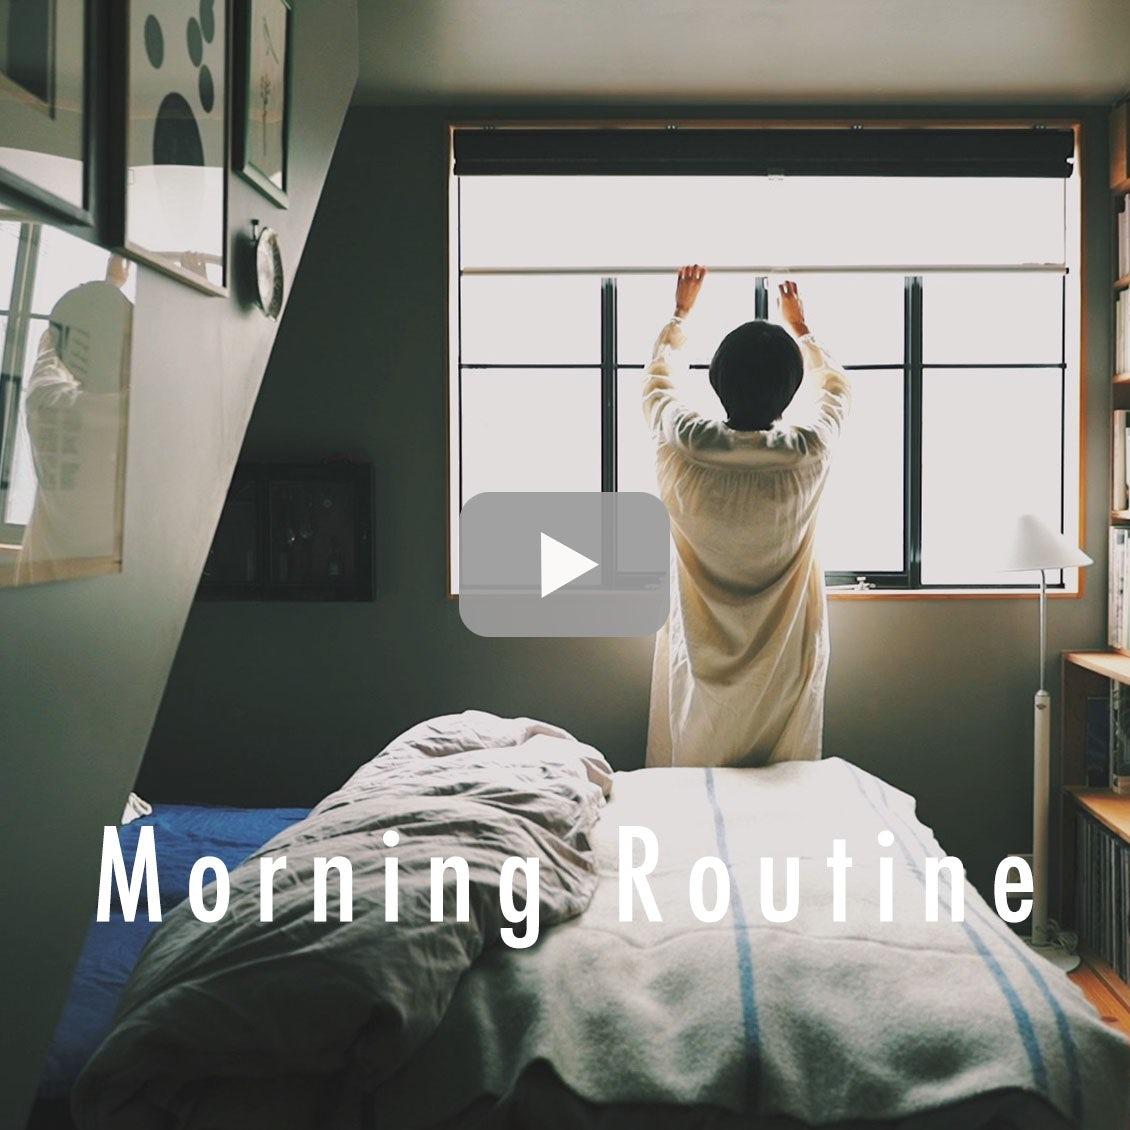 【わたしの朝習慣】毎日1箇所だけ整える。自分にフィットした習慣で無理なく始める朝時間